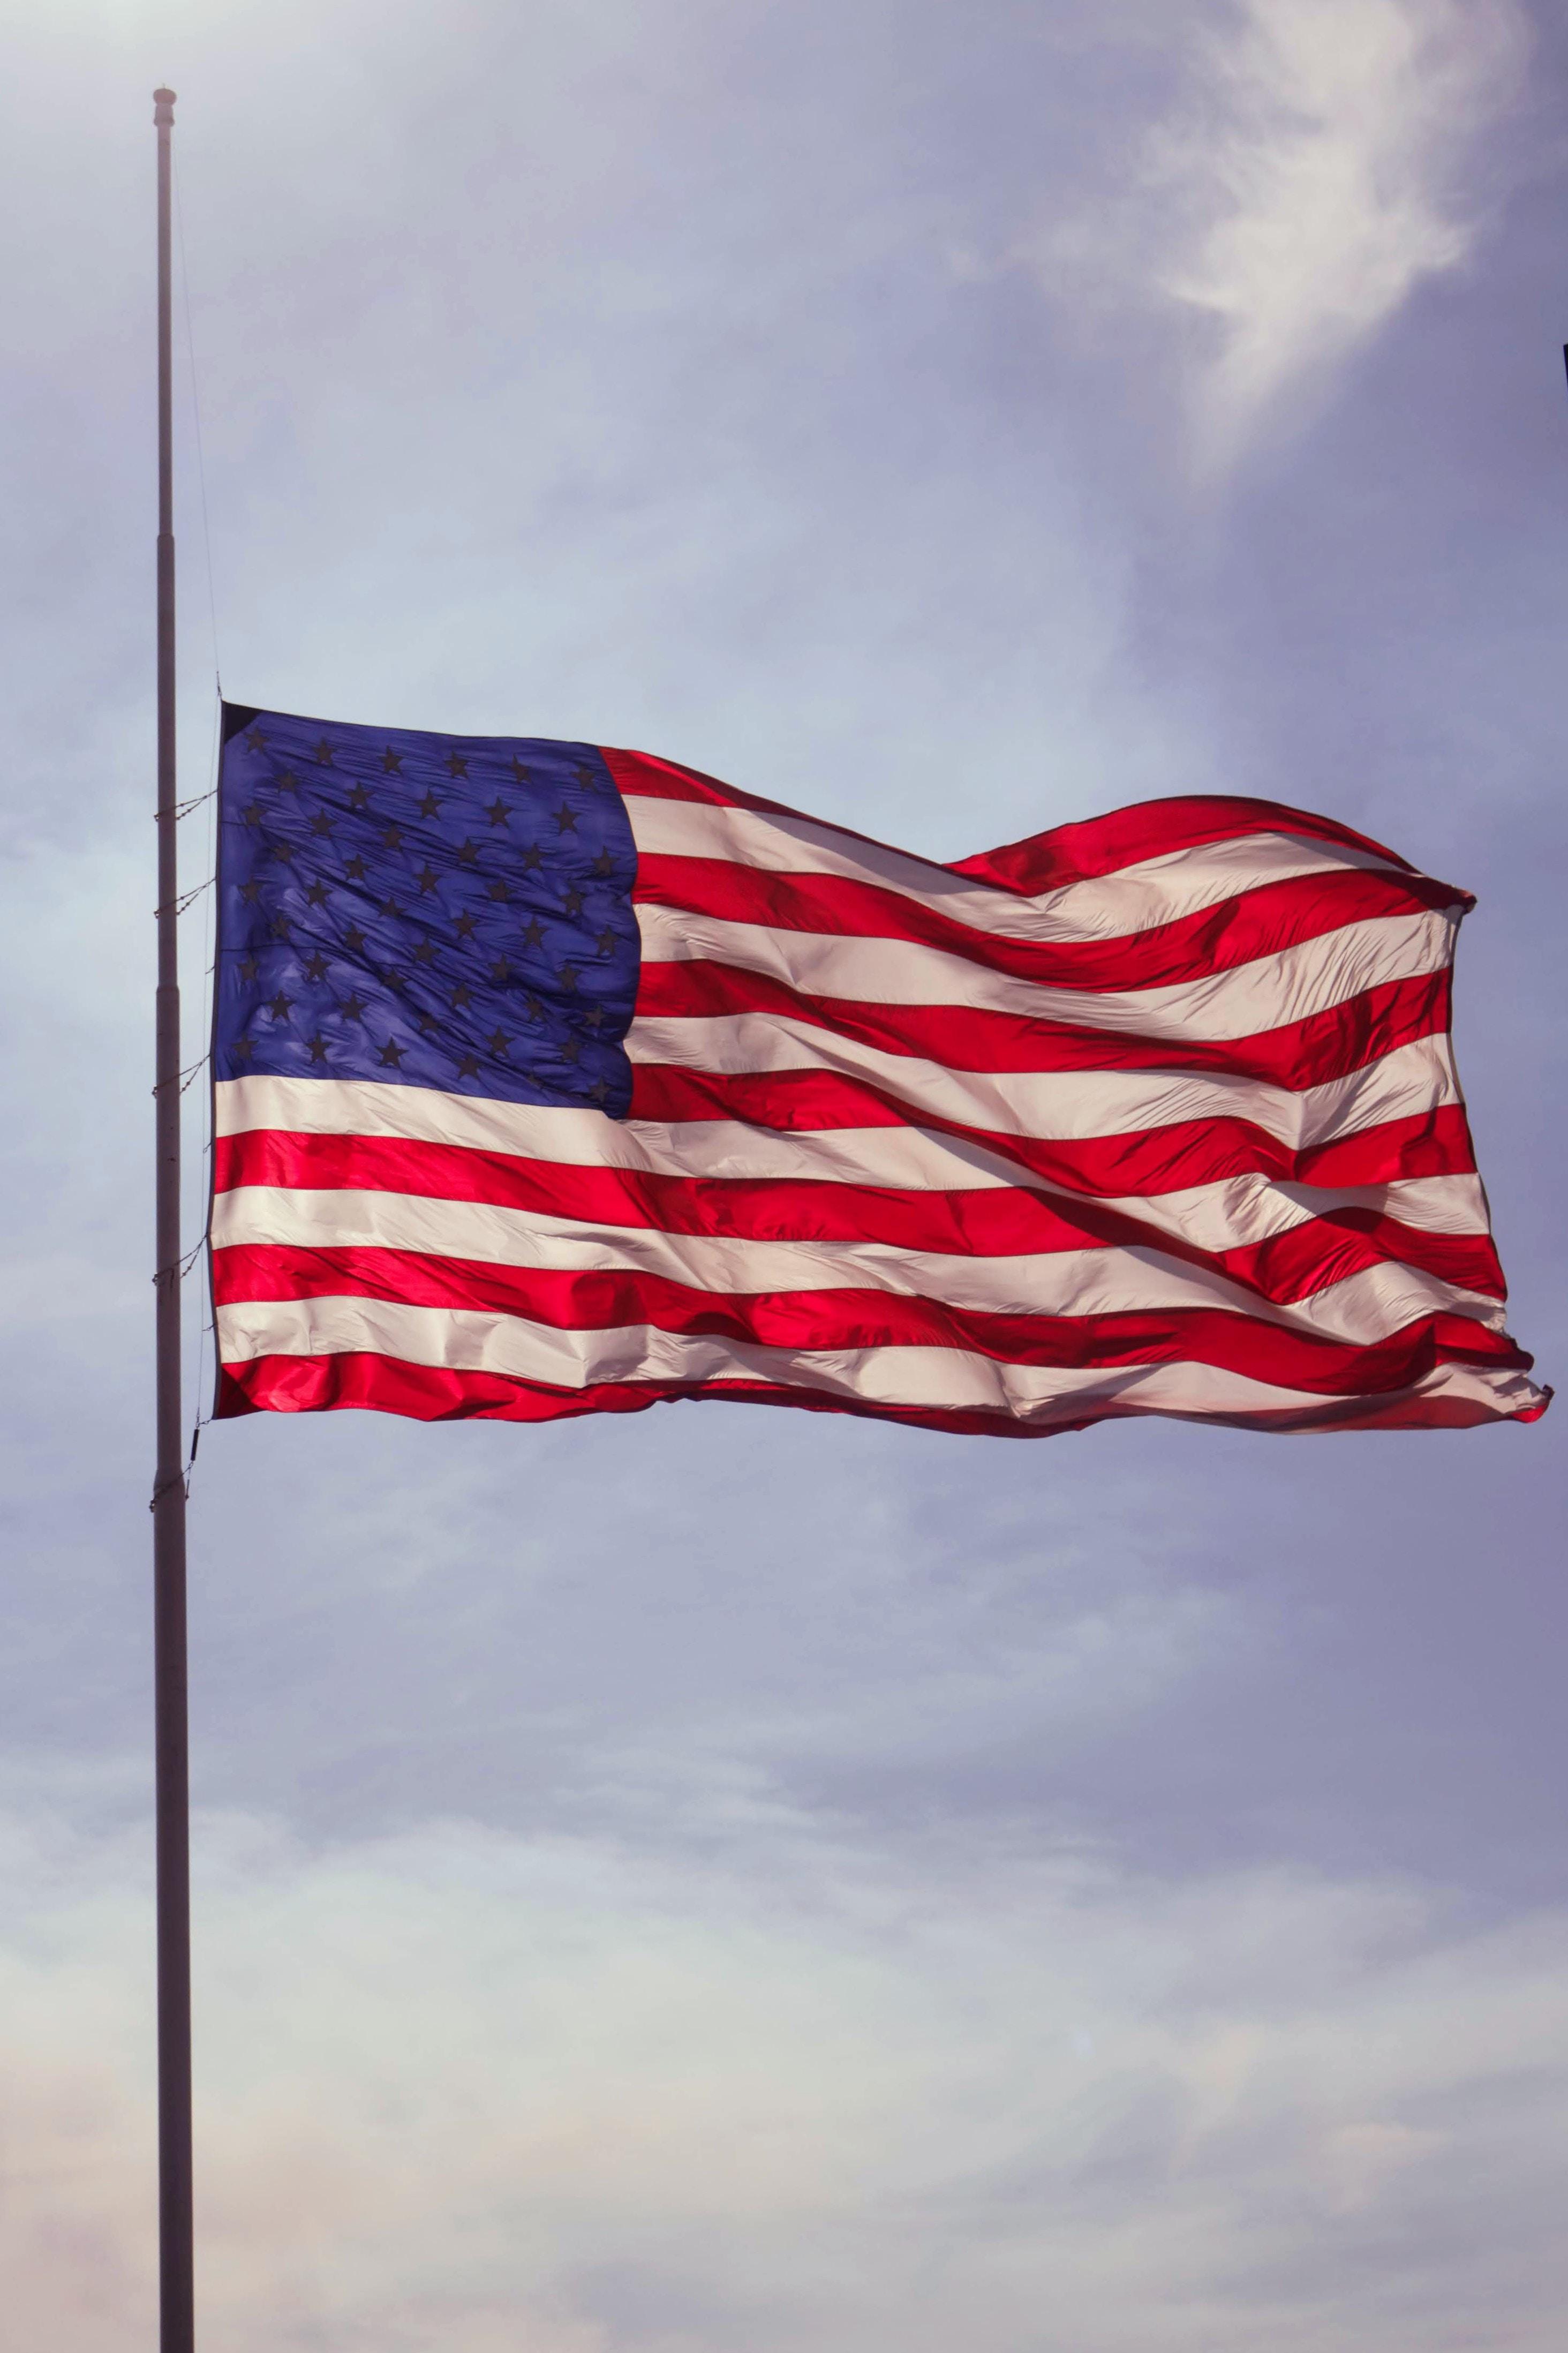 アメリカで見かける半旗の意味とは?